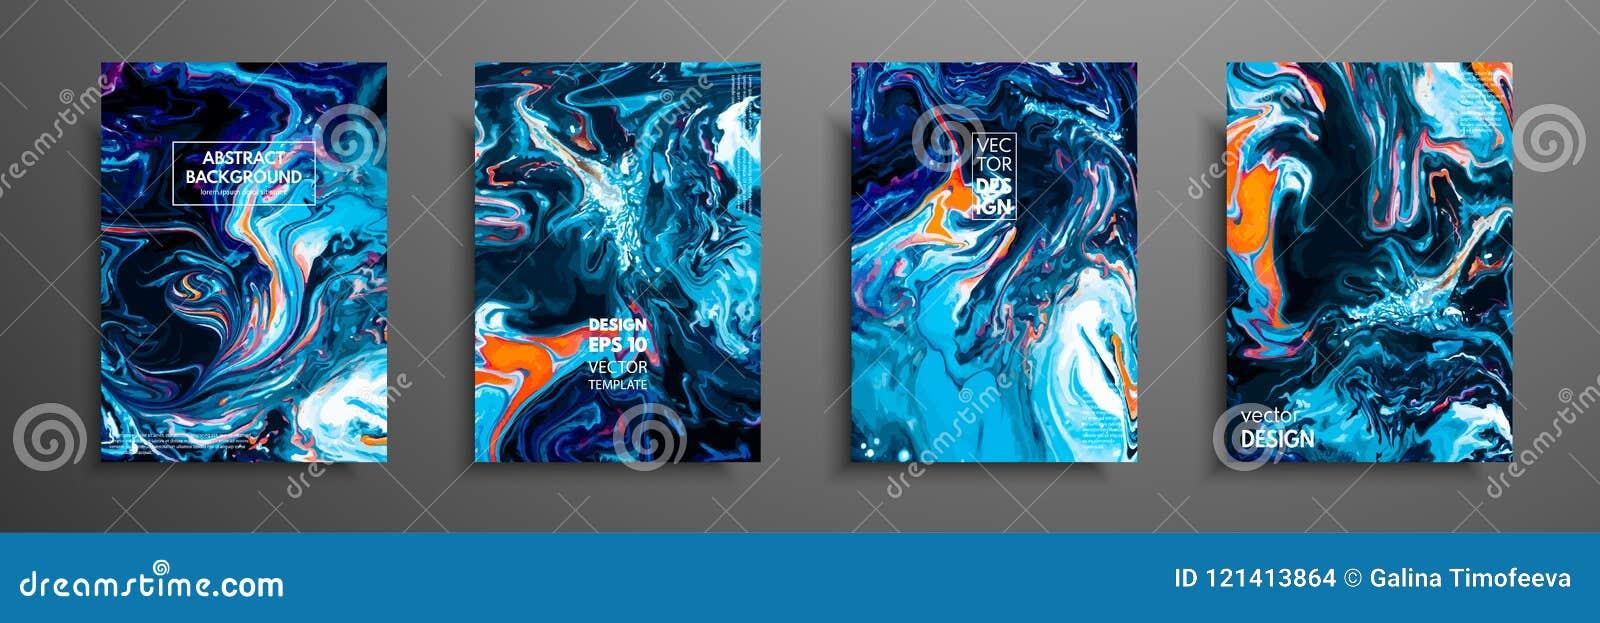 Mischung von Acrylfarben Flüssige Marmorbeschaffenheit Flüssige Kunst Anwendbar für Designabdeckung, Darstellung, Einladung